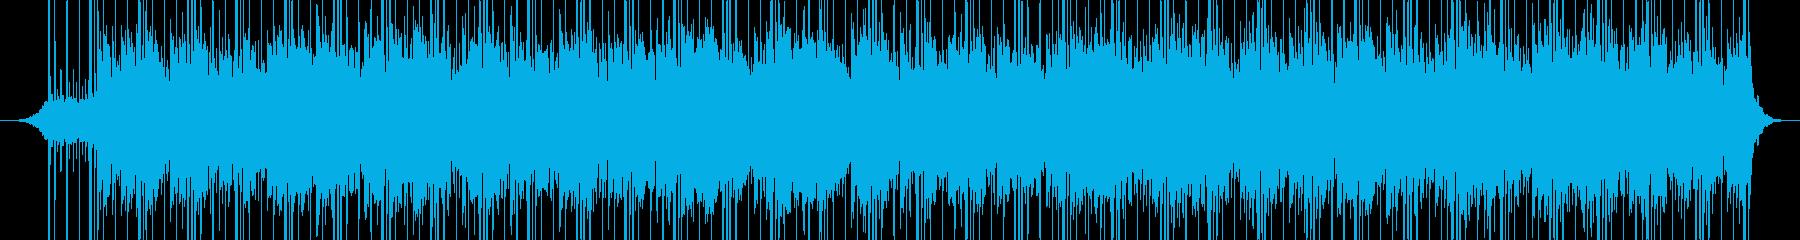 透明で浮遊感のあるピアノとシンセのBGMの再生済みの波形